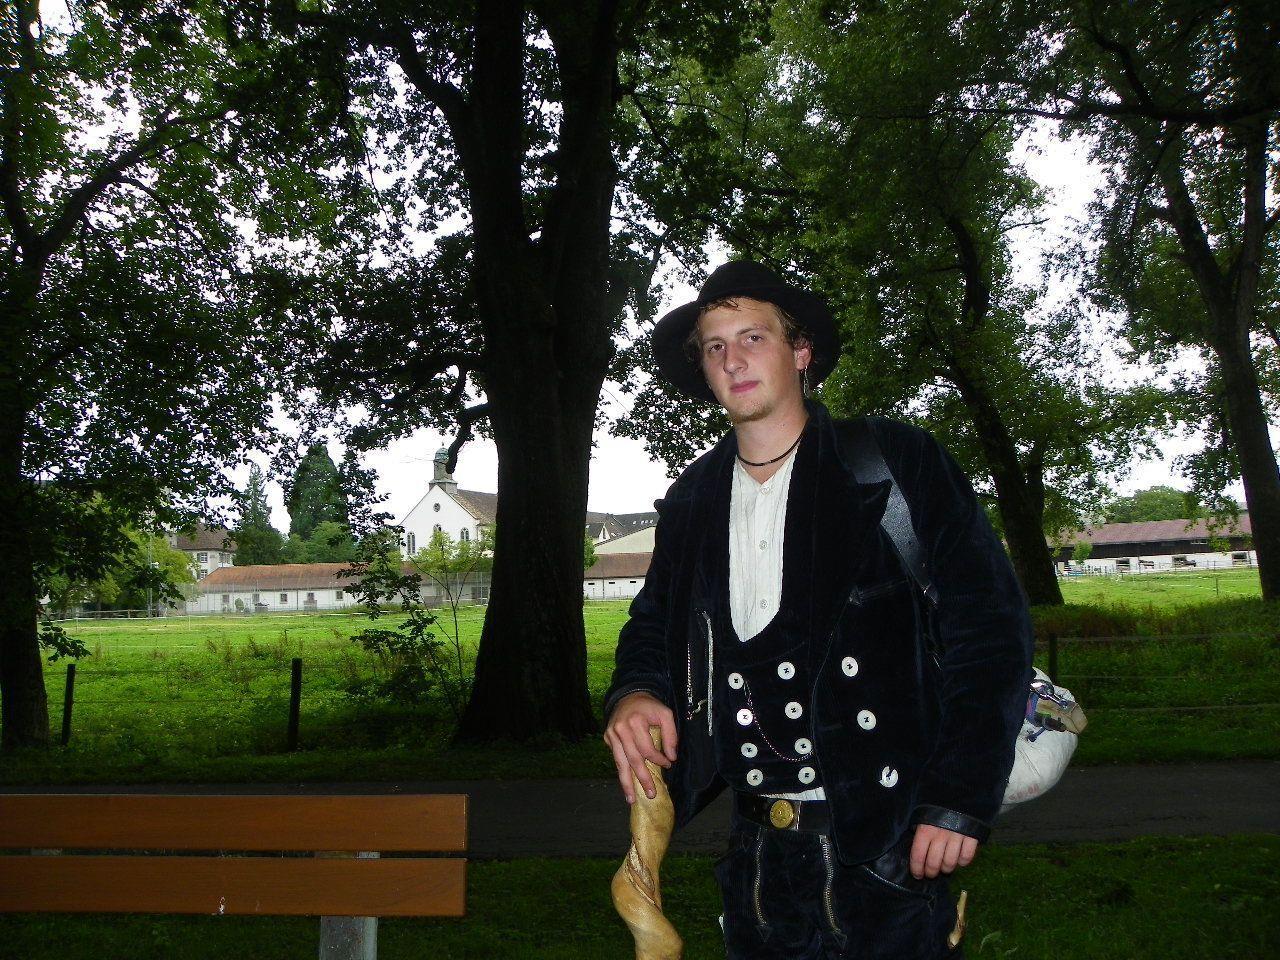 Dean aus Deutschland auf Besuch in Bregenz